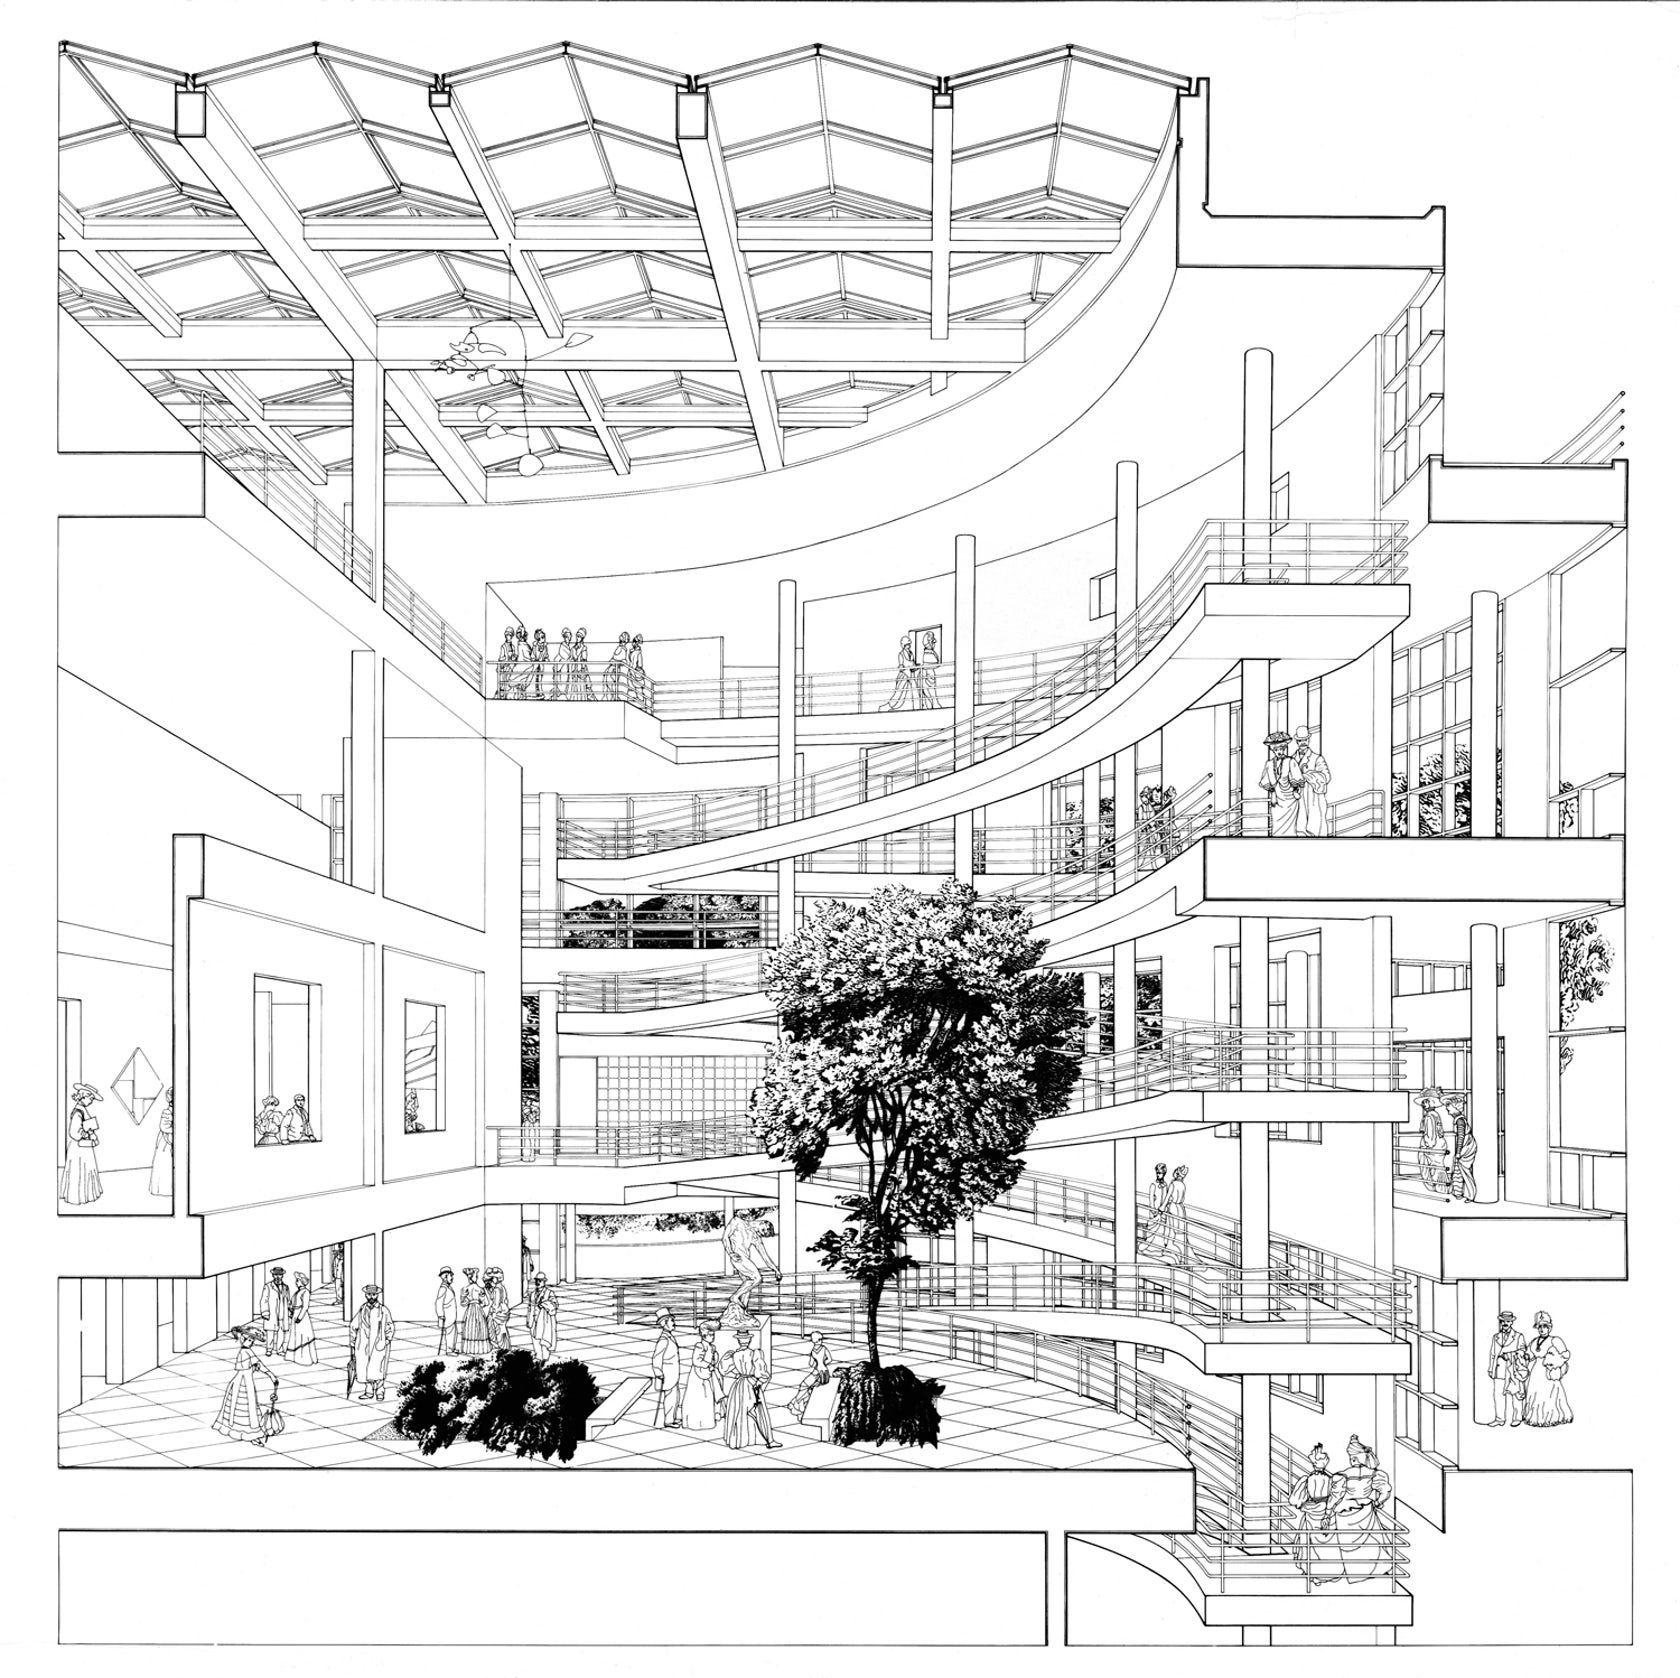 Ausbau Perspektive Runde Rund Ums Haus Entwurf Skizzen Architekturplan Architektur Visualisierung